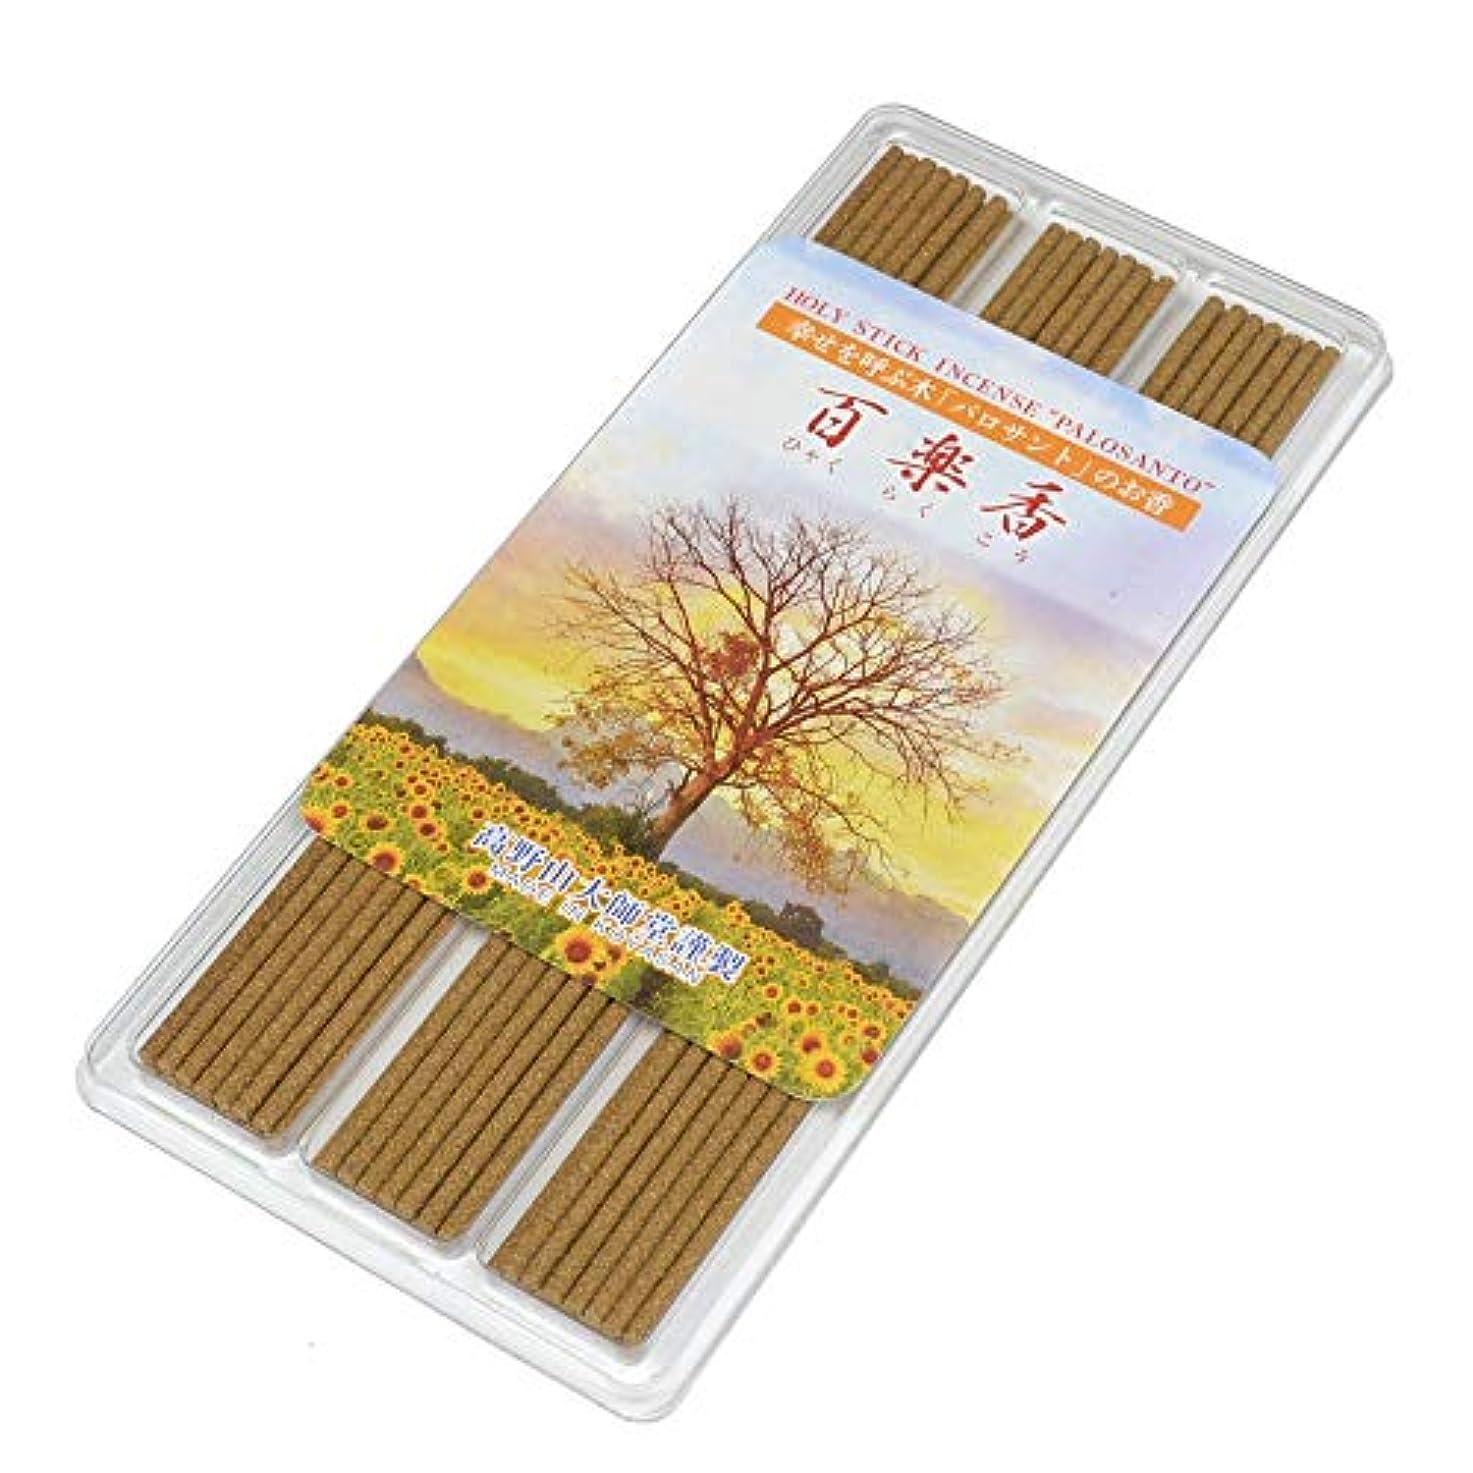 メナジェリーベックス幸運の木「パロサント」のお香【徳用】Palo Santo Incense